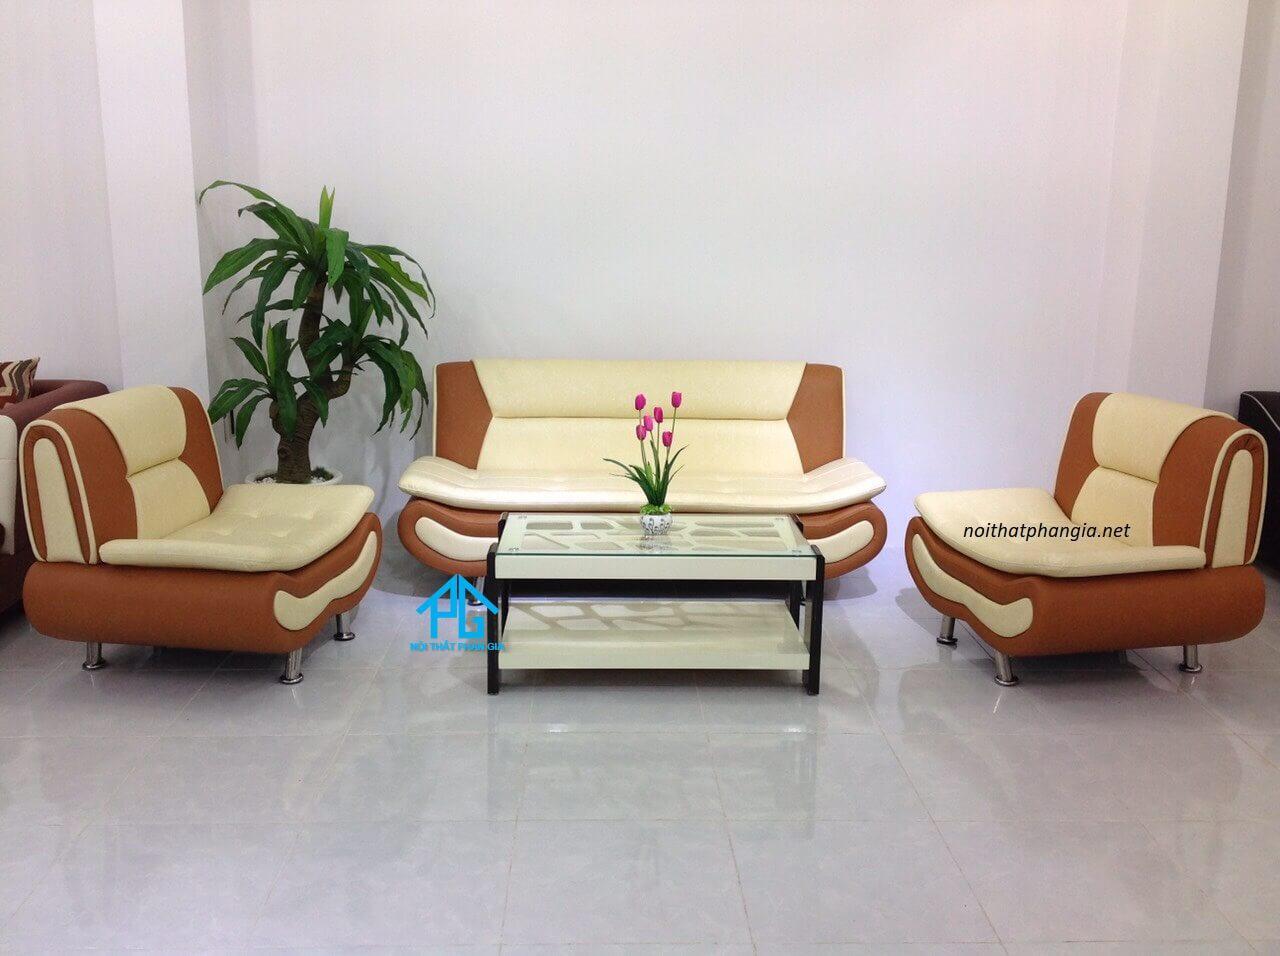 có nên mua ghế sofa nhập khẩu malay không